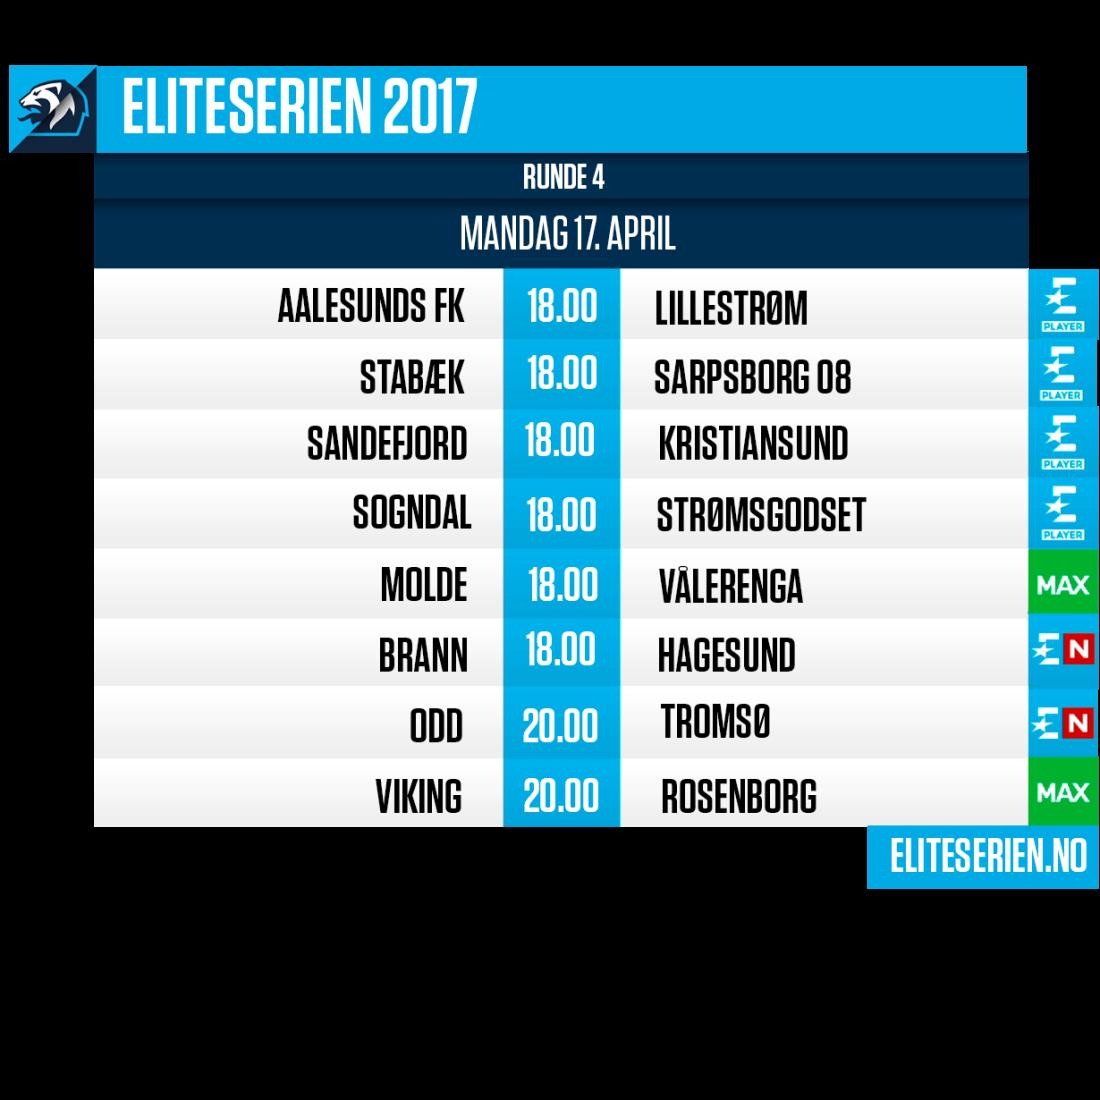 Eliteserien_runde_4.png